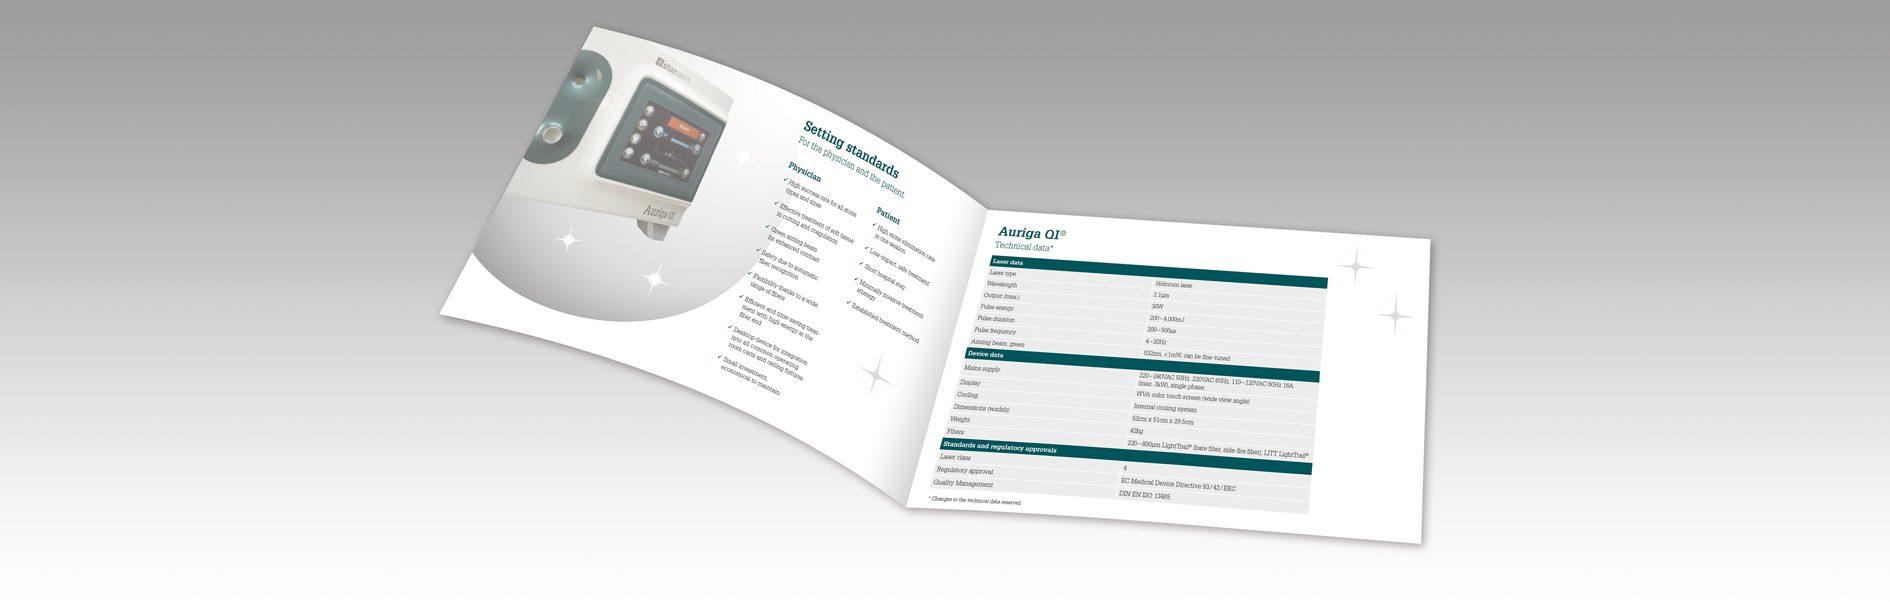 Hier wird die Starmedtec Produktbroschüre dargestellt.